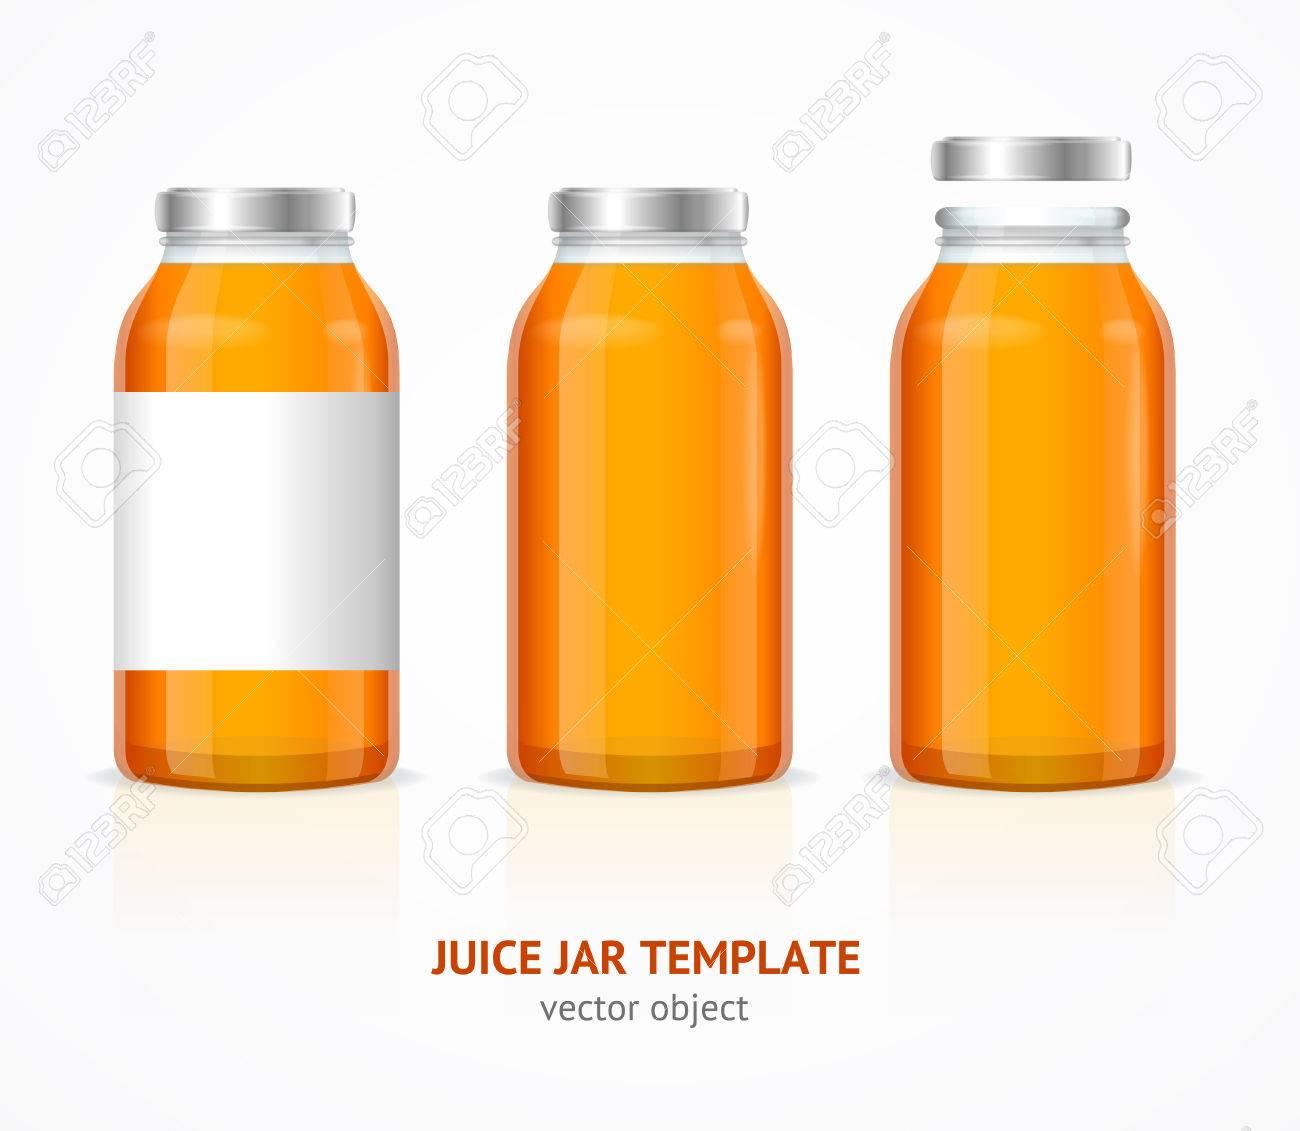 Realistischer Saft-Glasgefäß-Flaschen-Schablonen-Satz. Vektor ...